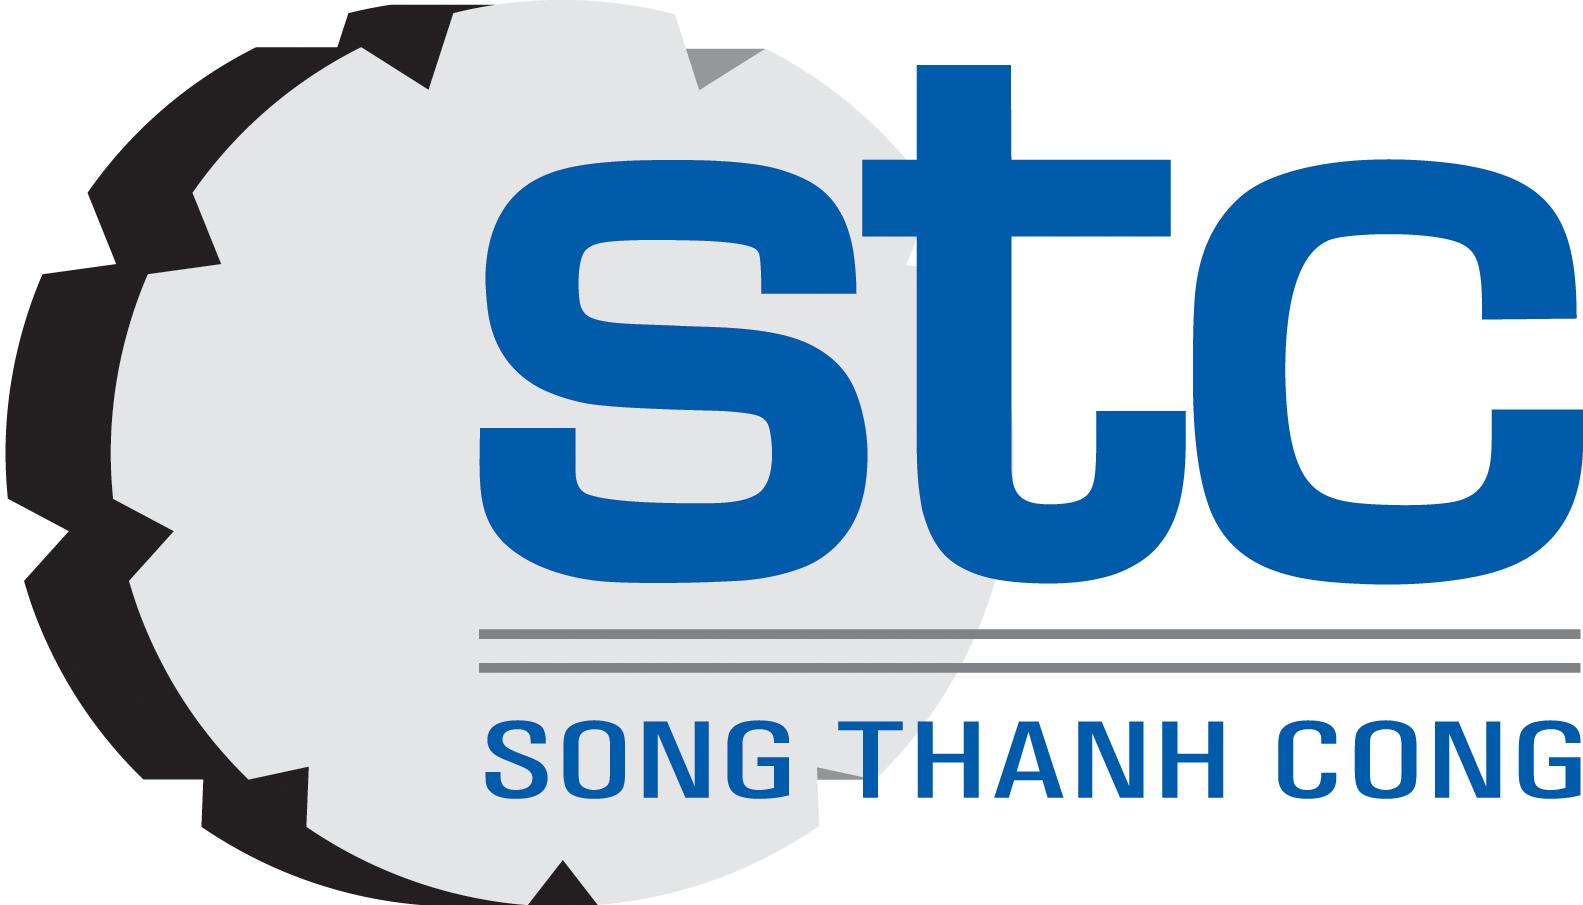 Tự động hóa chính hãng STC Vietnam